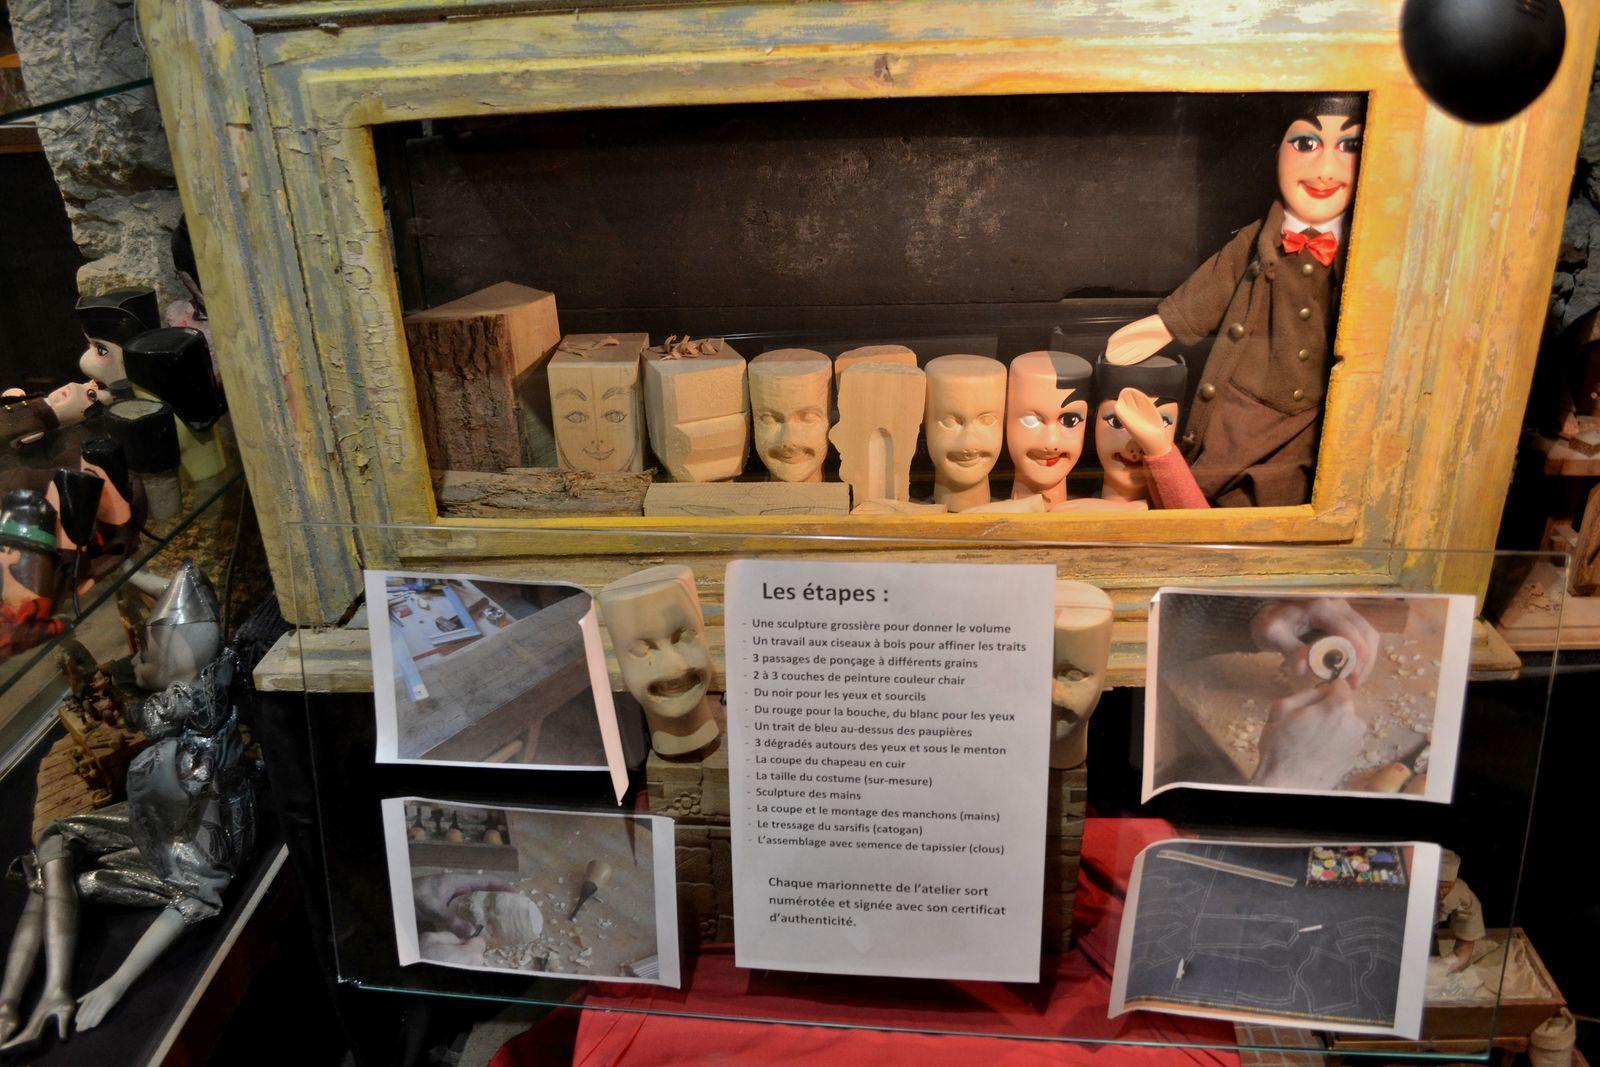 Le Petit Musée Fantastique de Guignol...